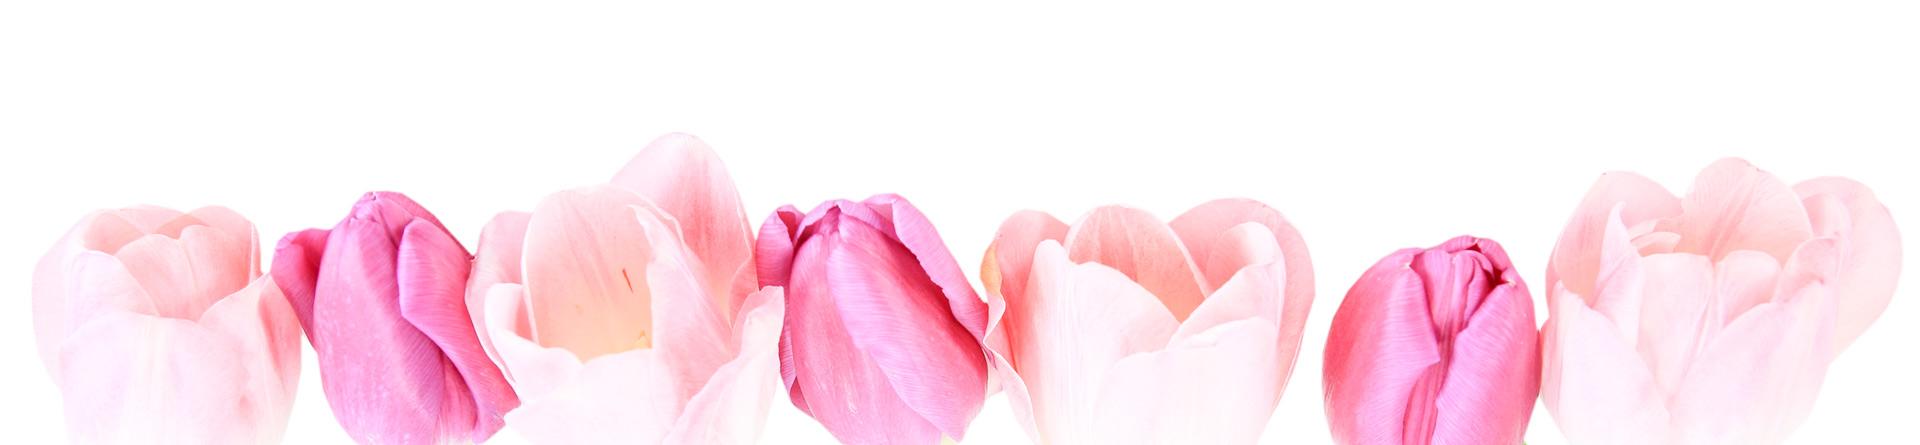 Tulip blooms